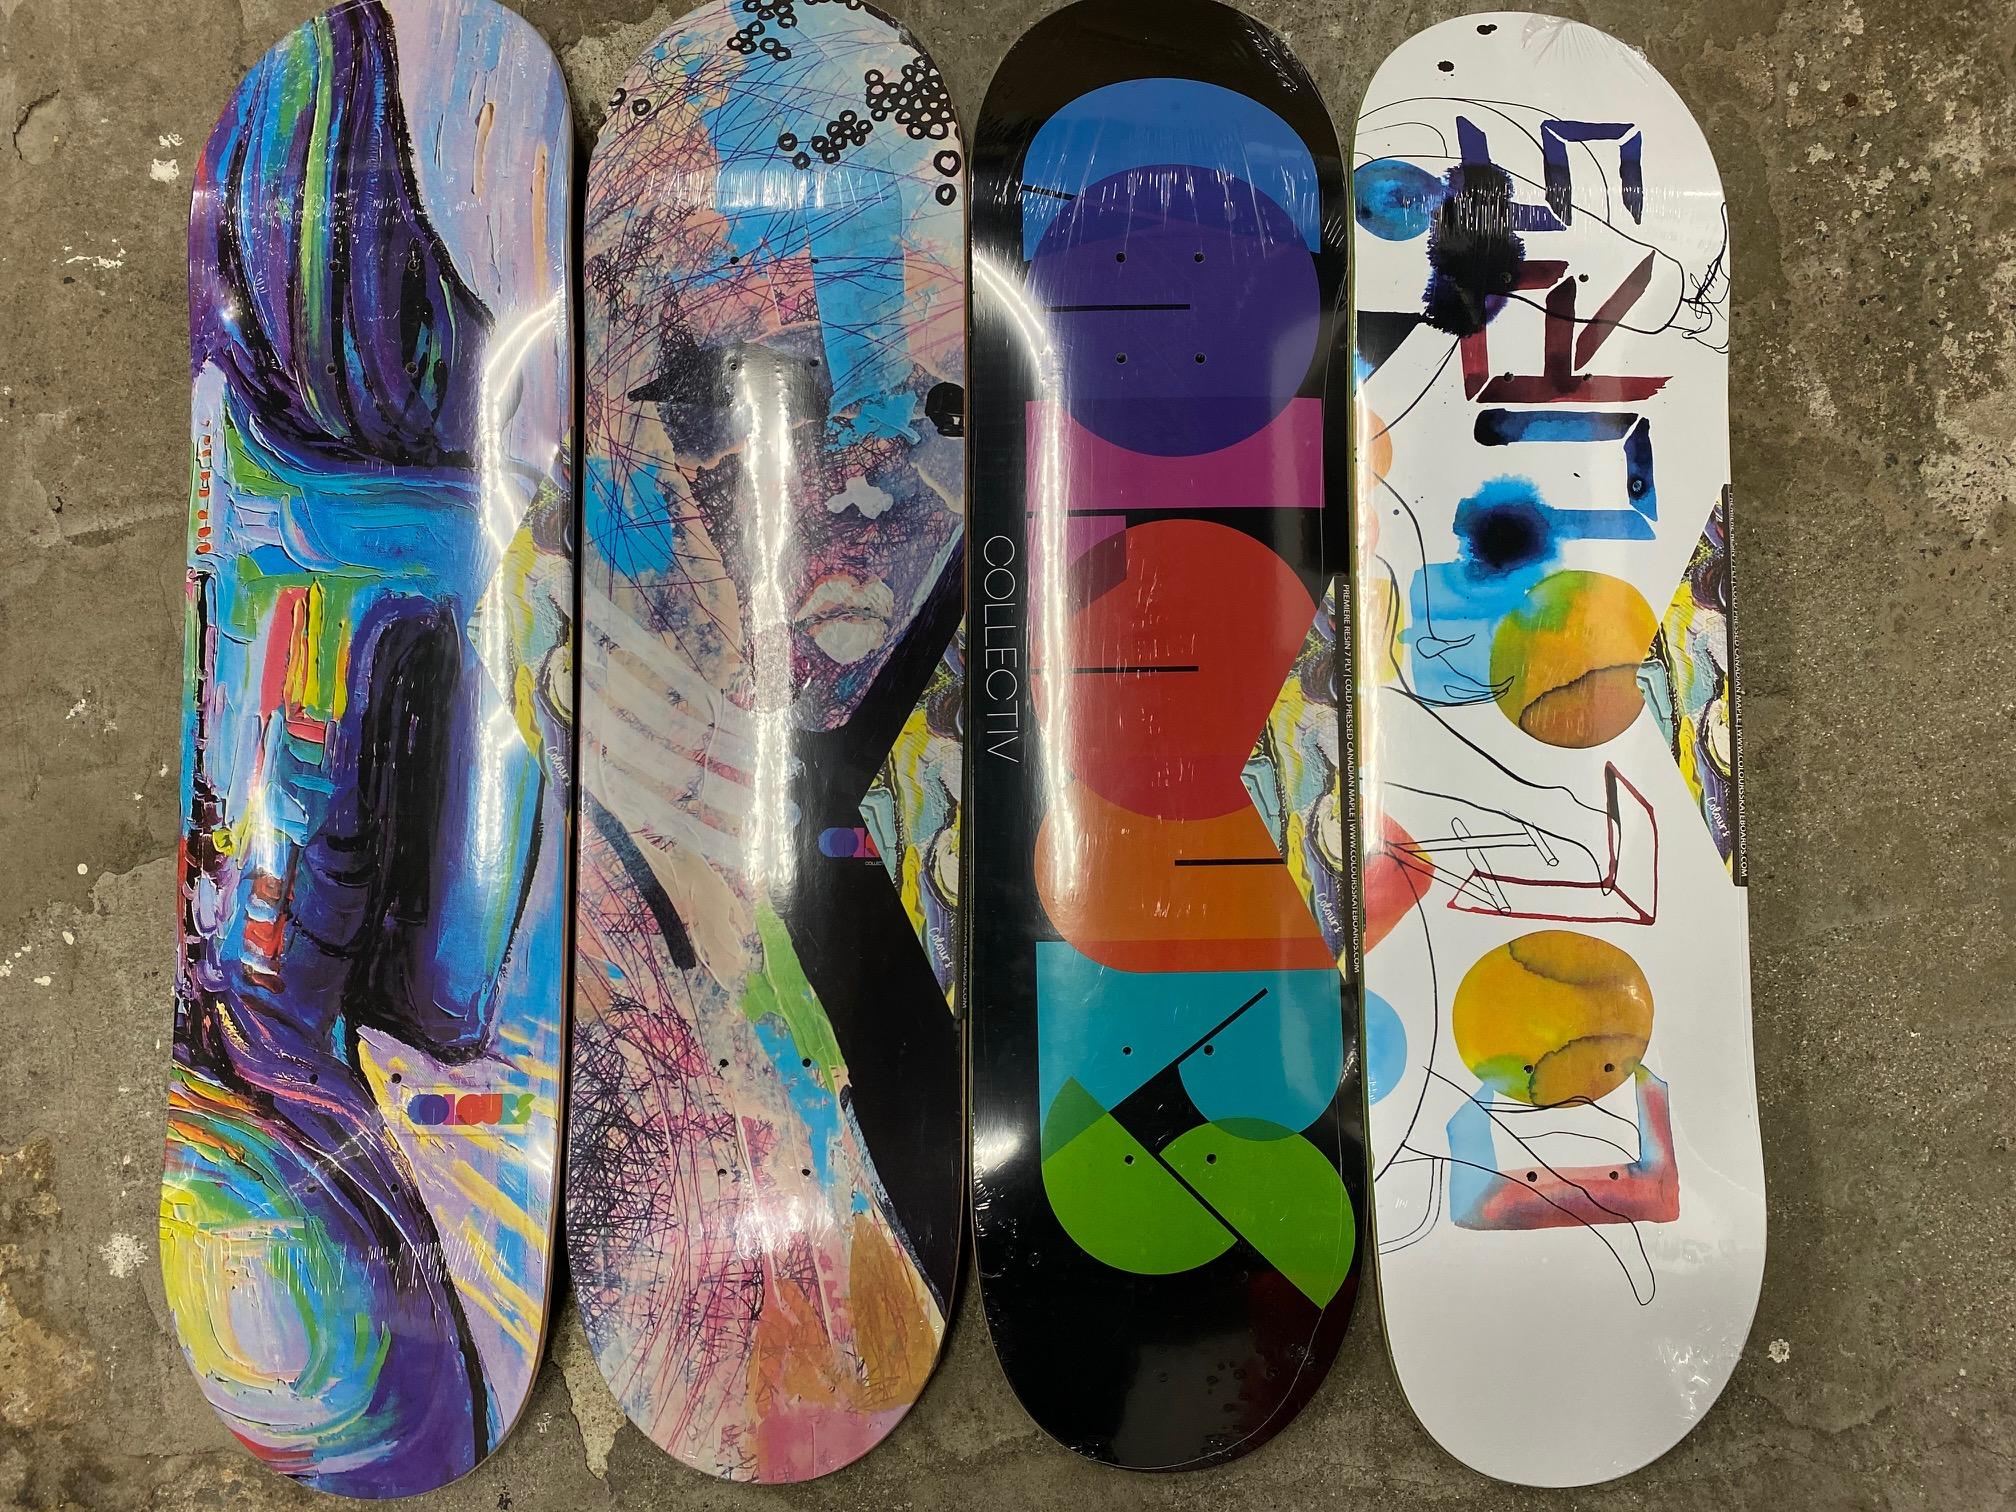 スケートアイテム COLOURS Skateboards 2020Spring & FILMBOT Kids コンプリート 入荷しました!!